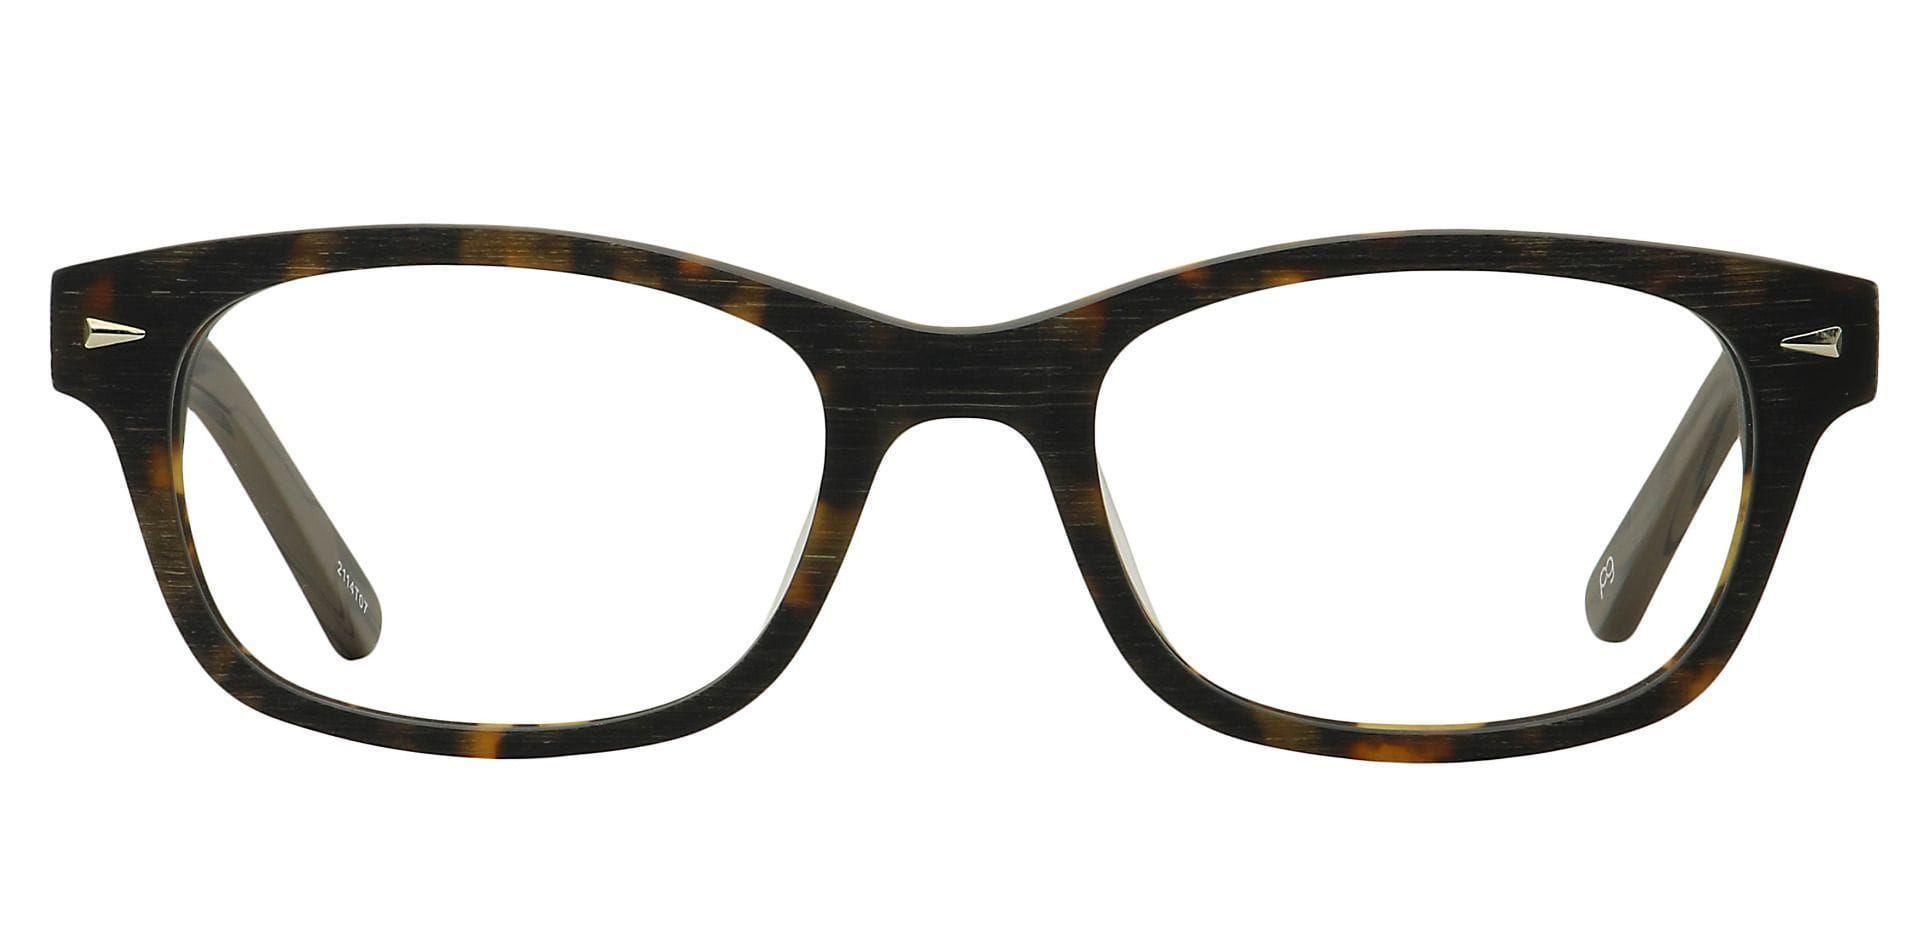 Timbre Rectangle Non-Rx Glasses - Tortoise